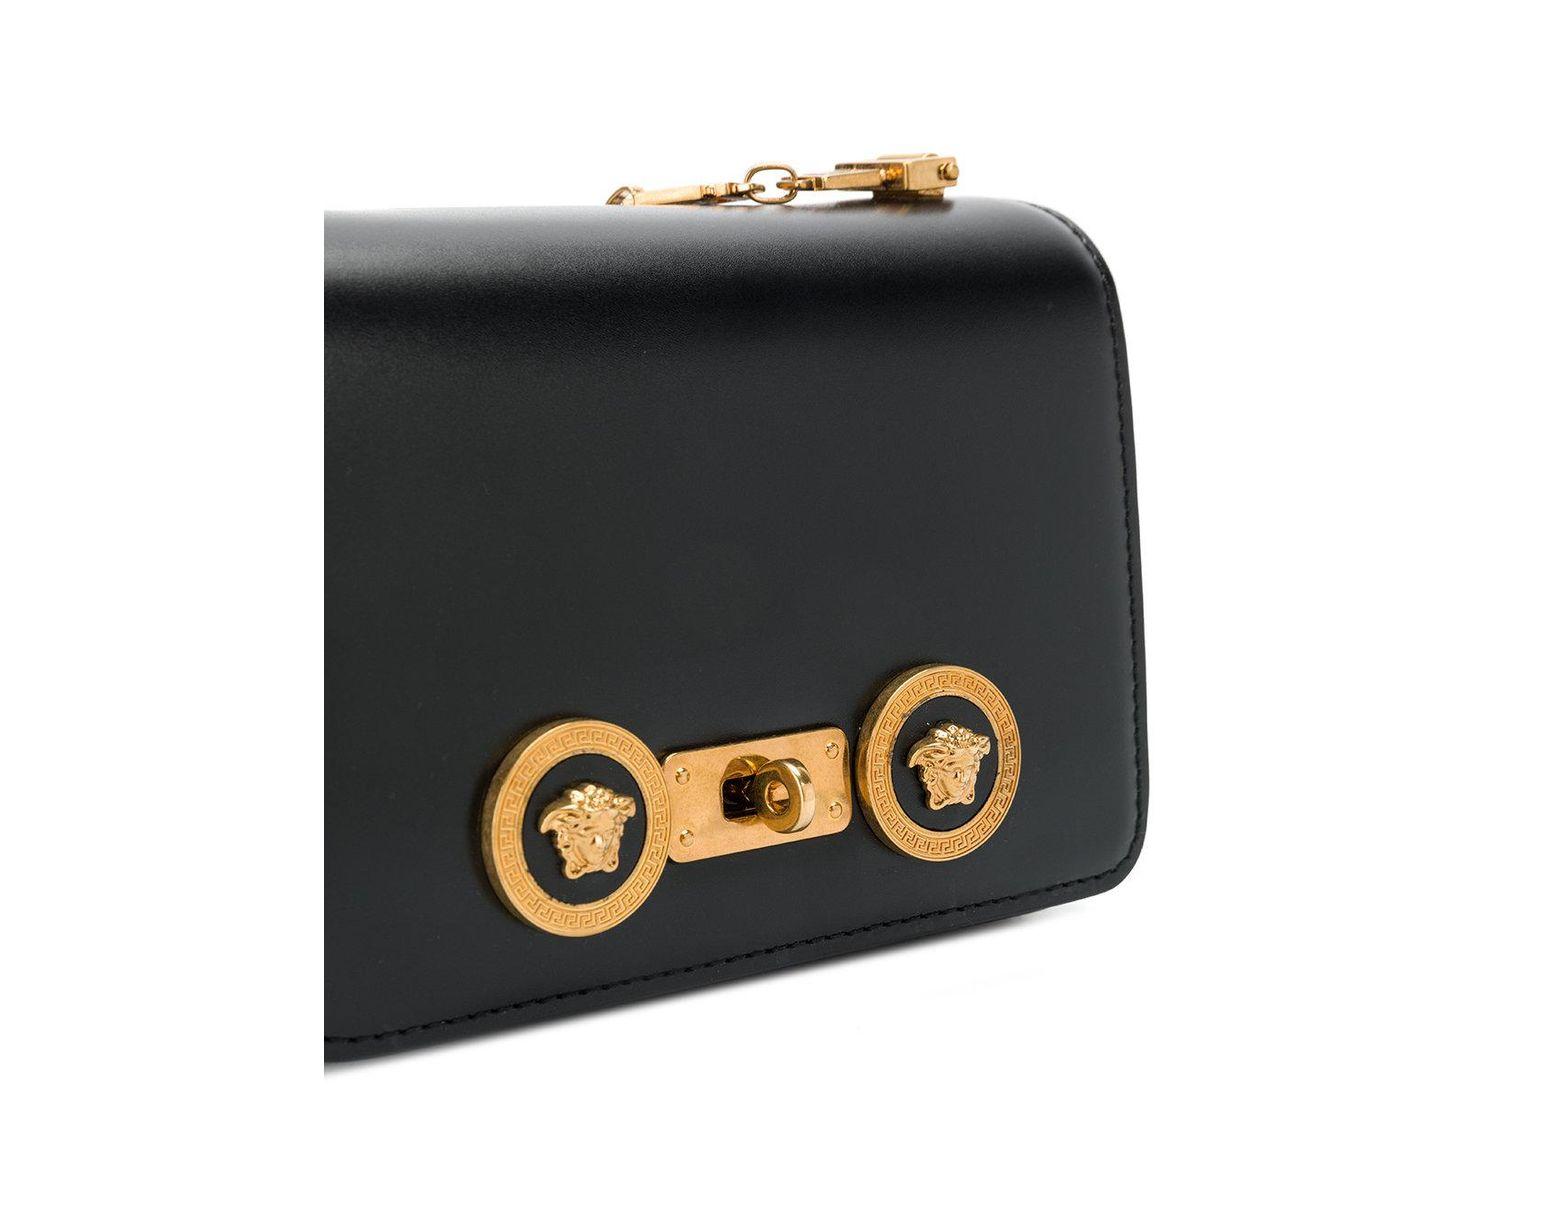 09ed019dd32 Versace Greek Medusa Shoulder Bag in Black - Lyst